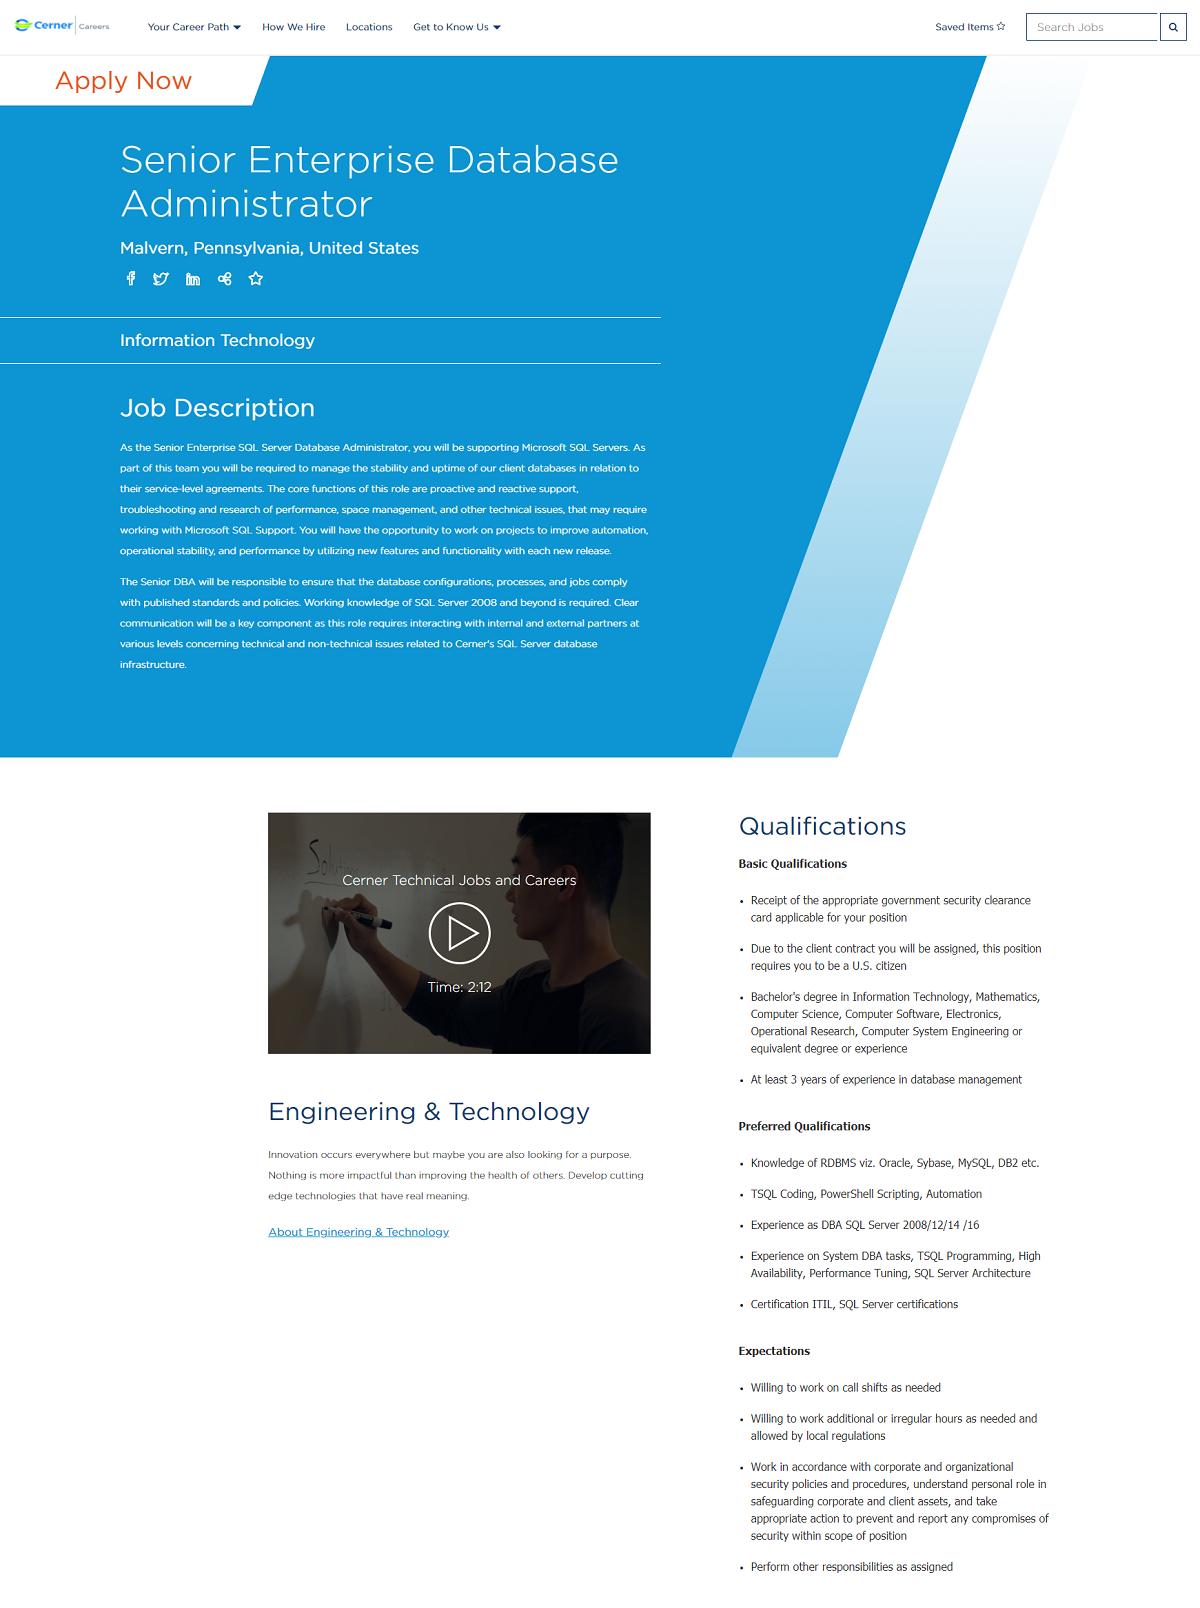 cerner job page overlay